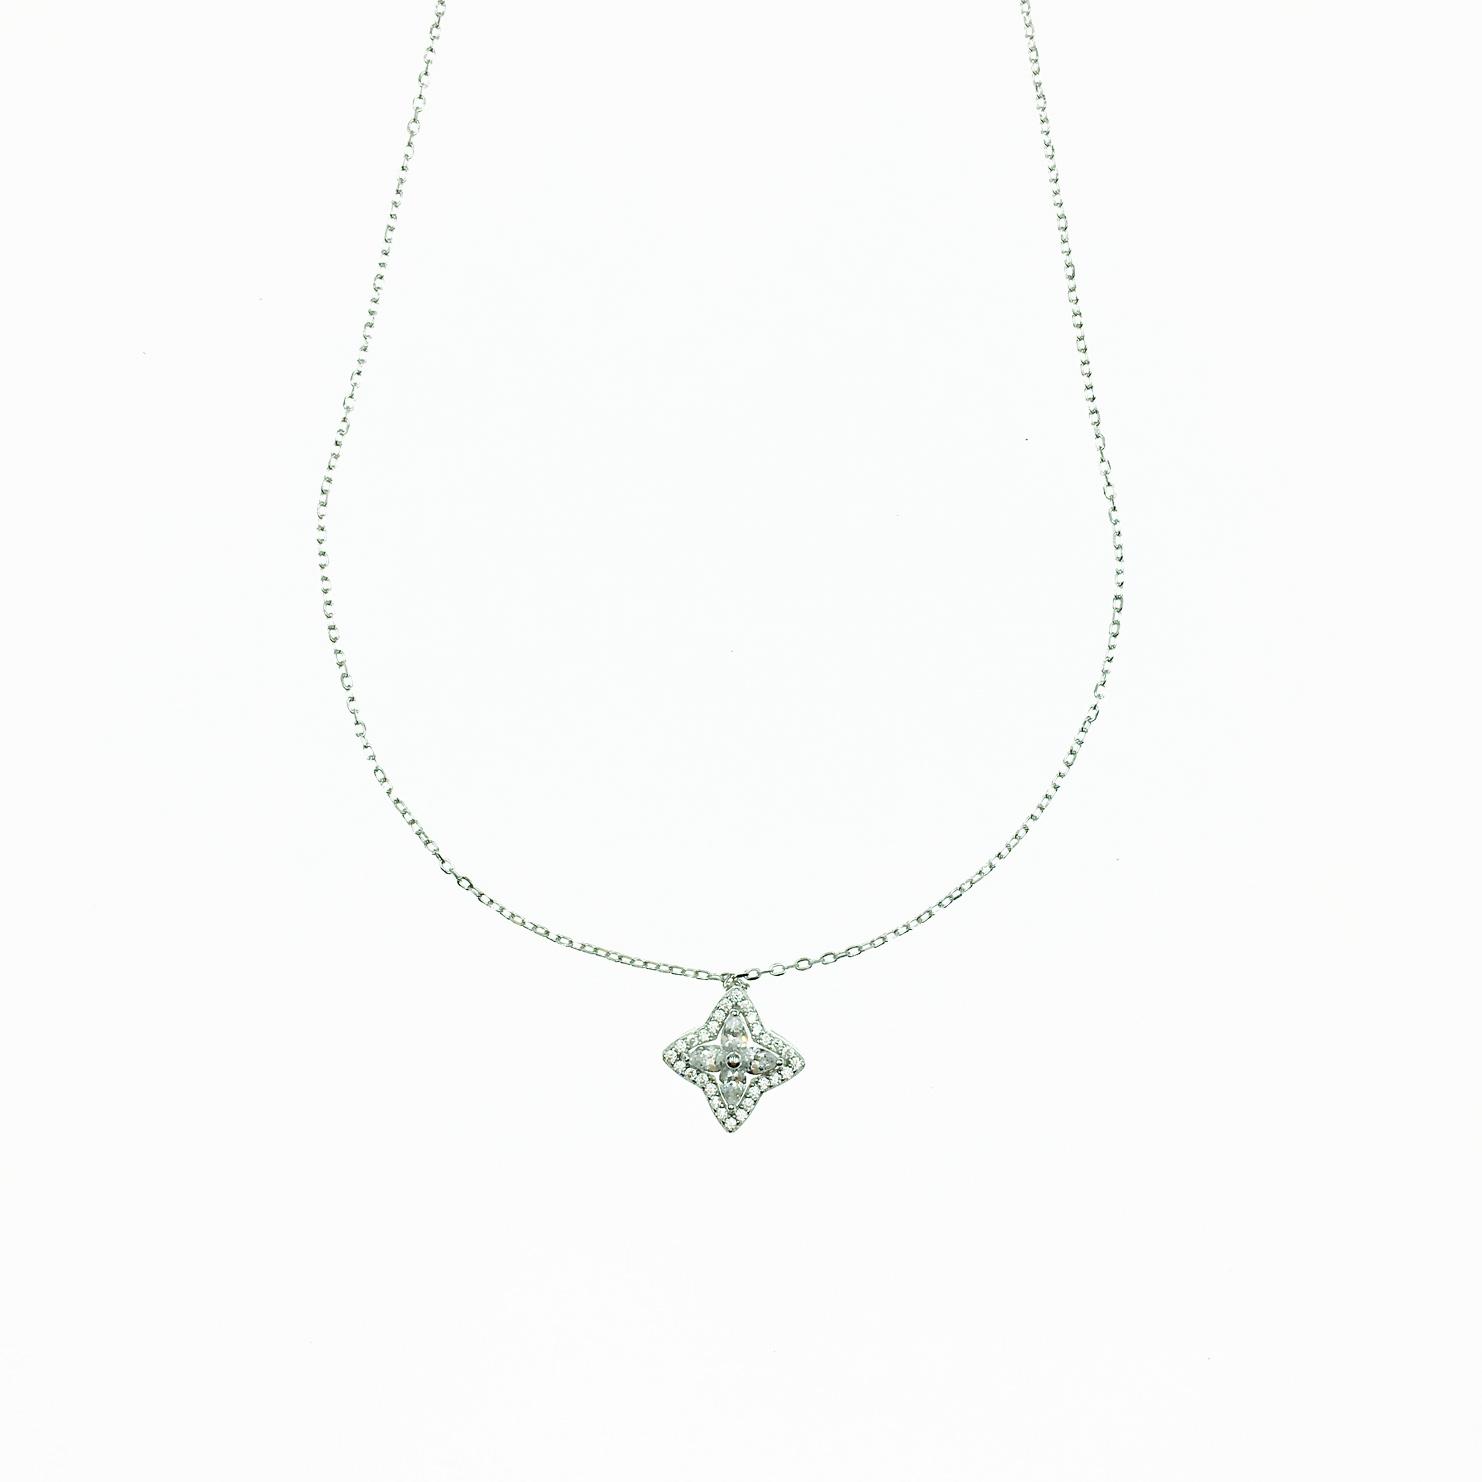 韓國 925純銀 十字花造型 水鑽 氣質 質感 項鍊